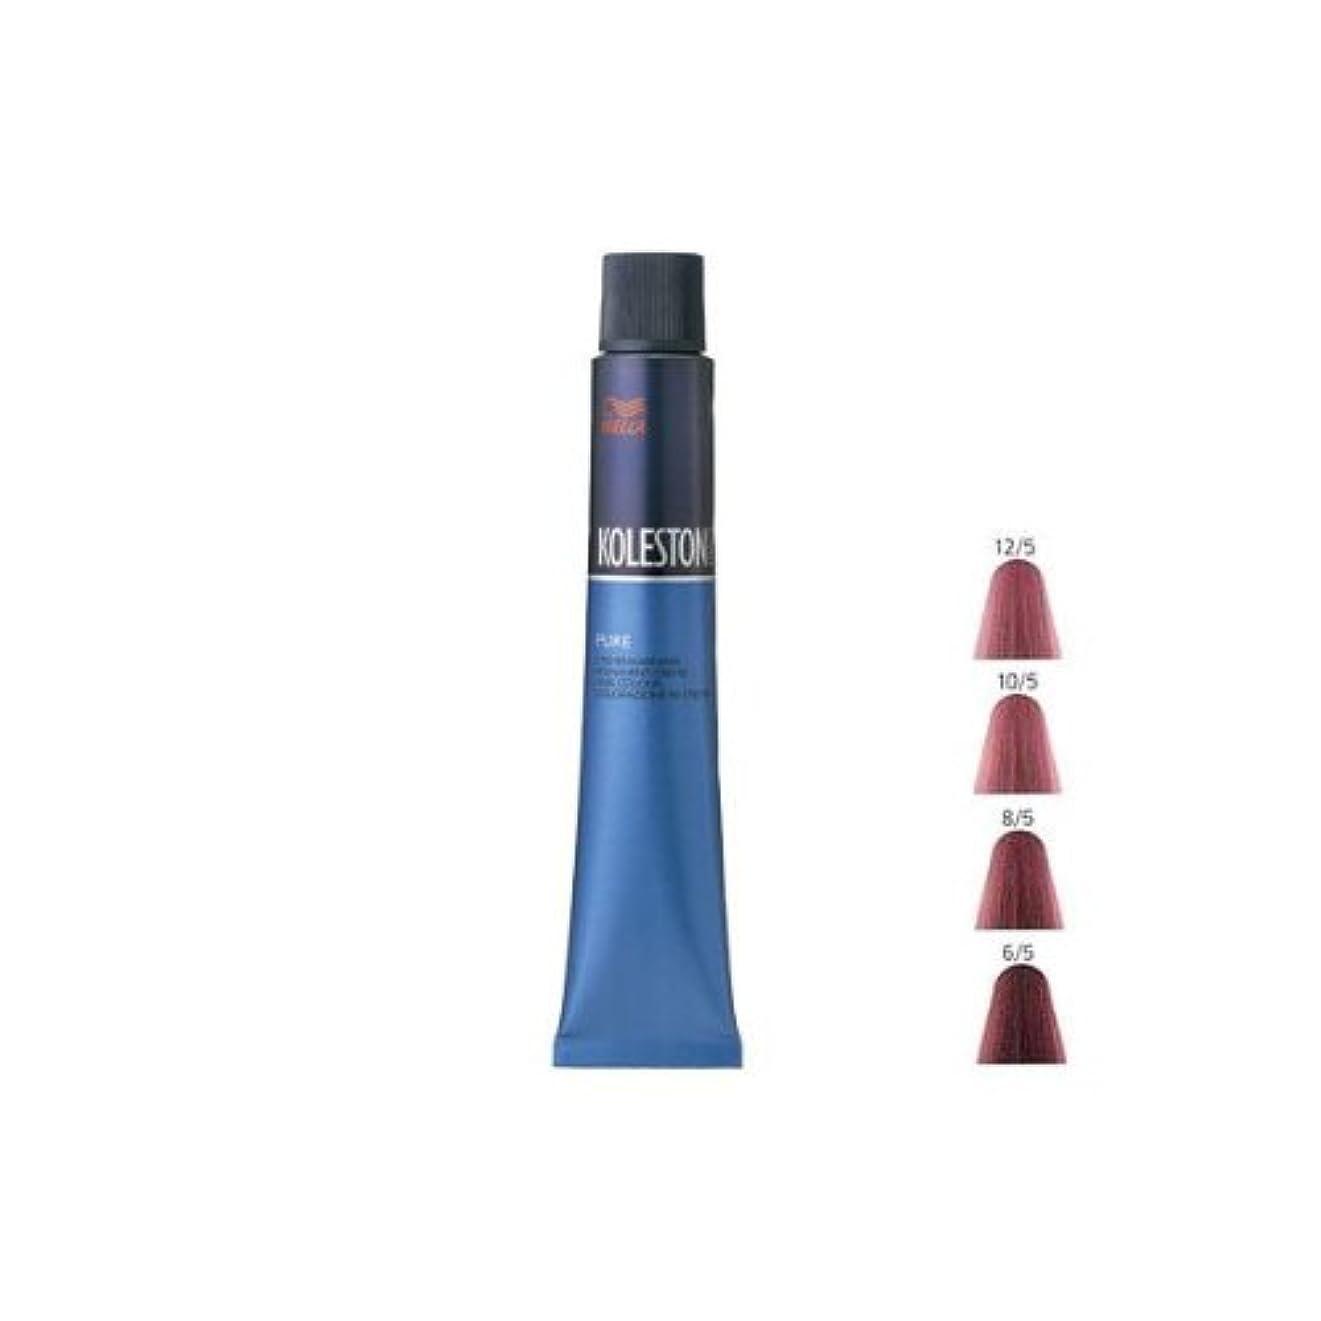 シャイプライム酸っぱいウエラ コレストン パーフェクト Pure[ローズ 5](1剤) 80g【WELLA】 (6/5)